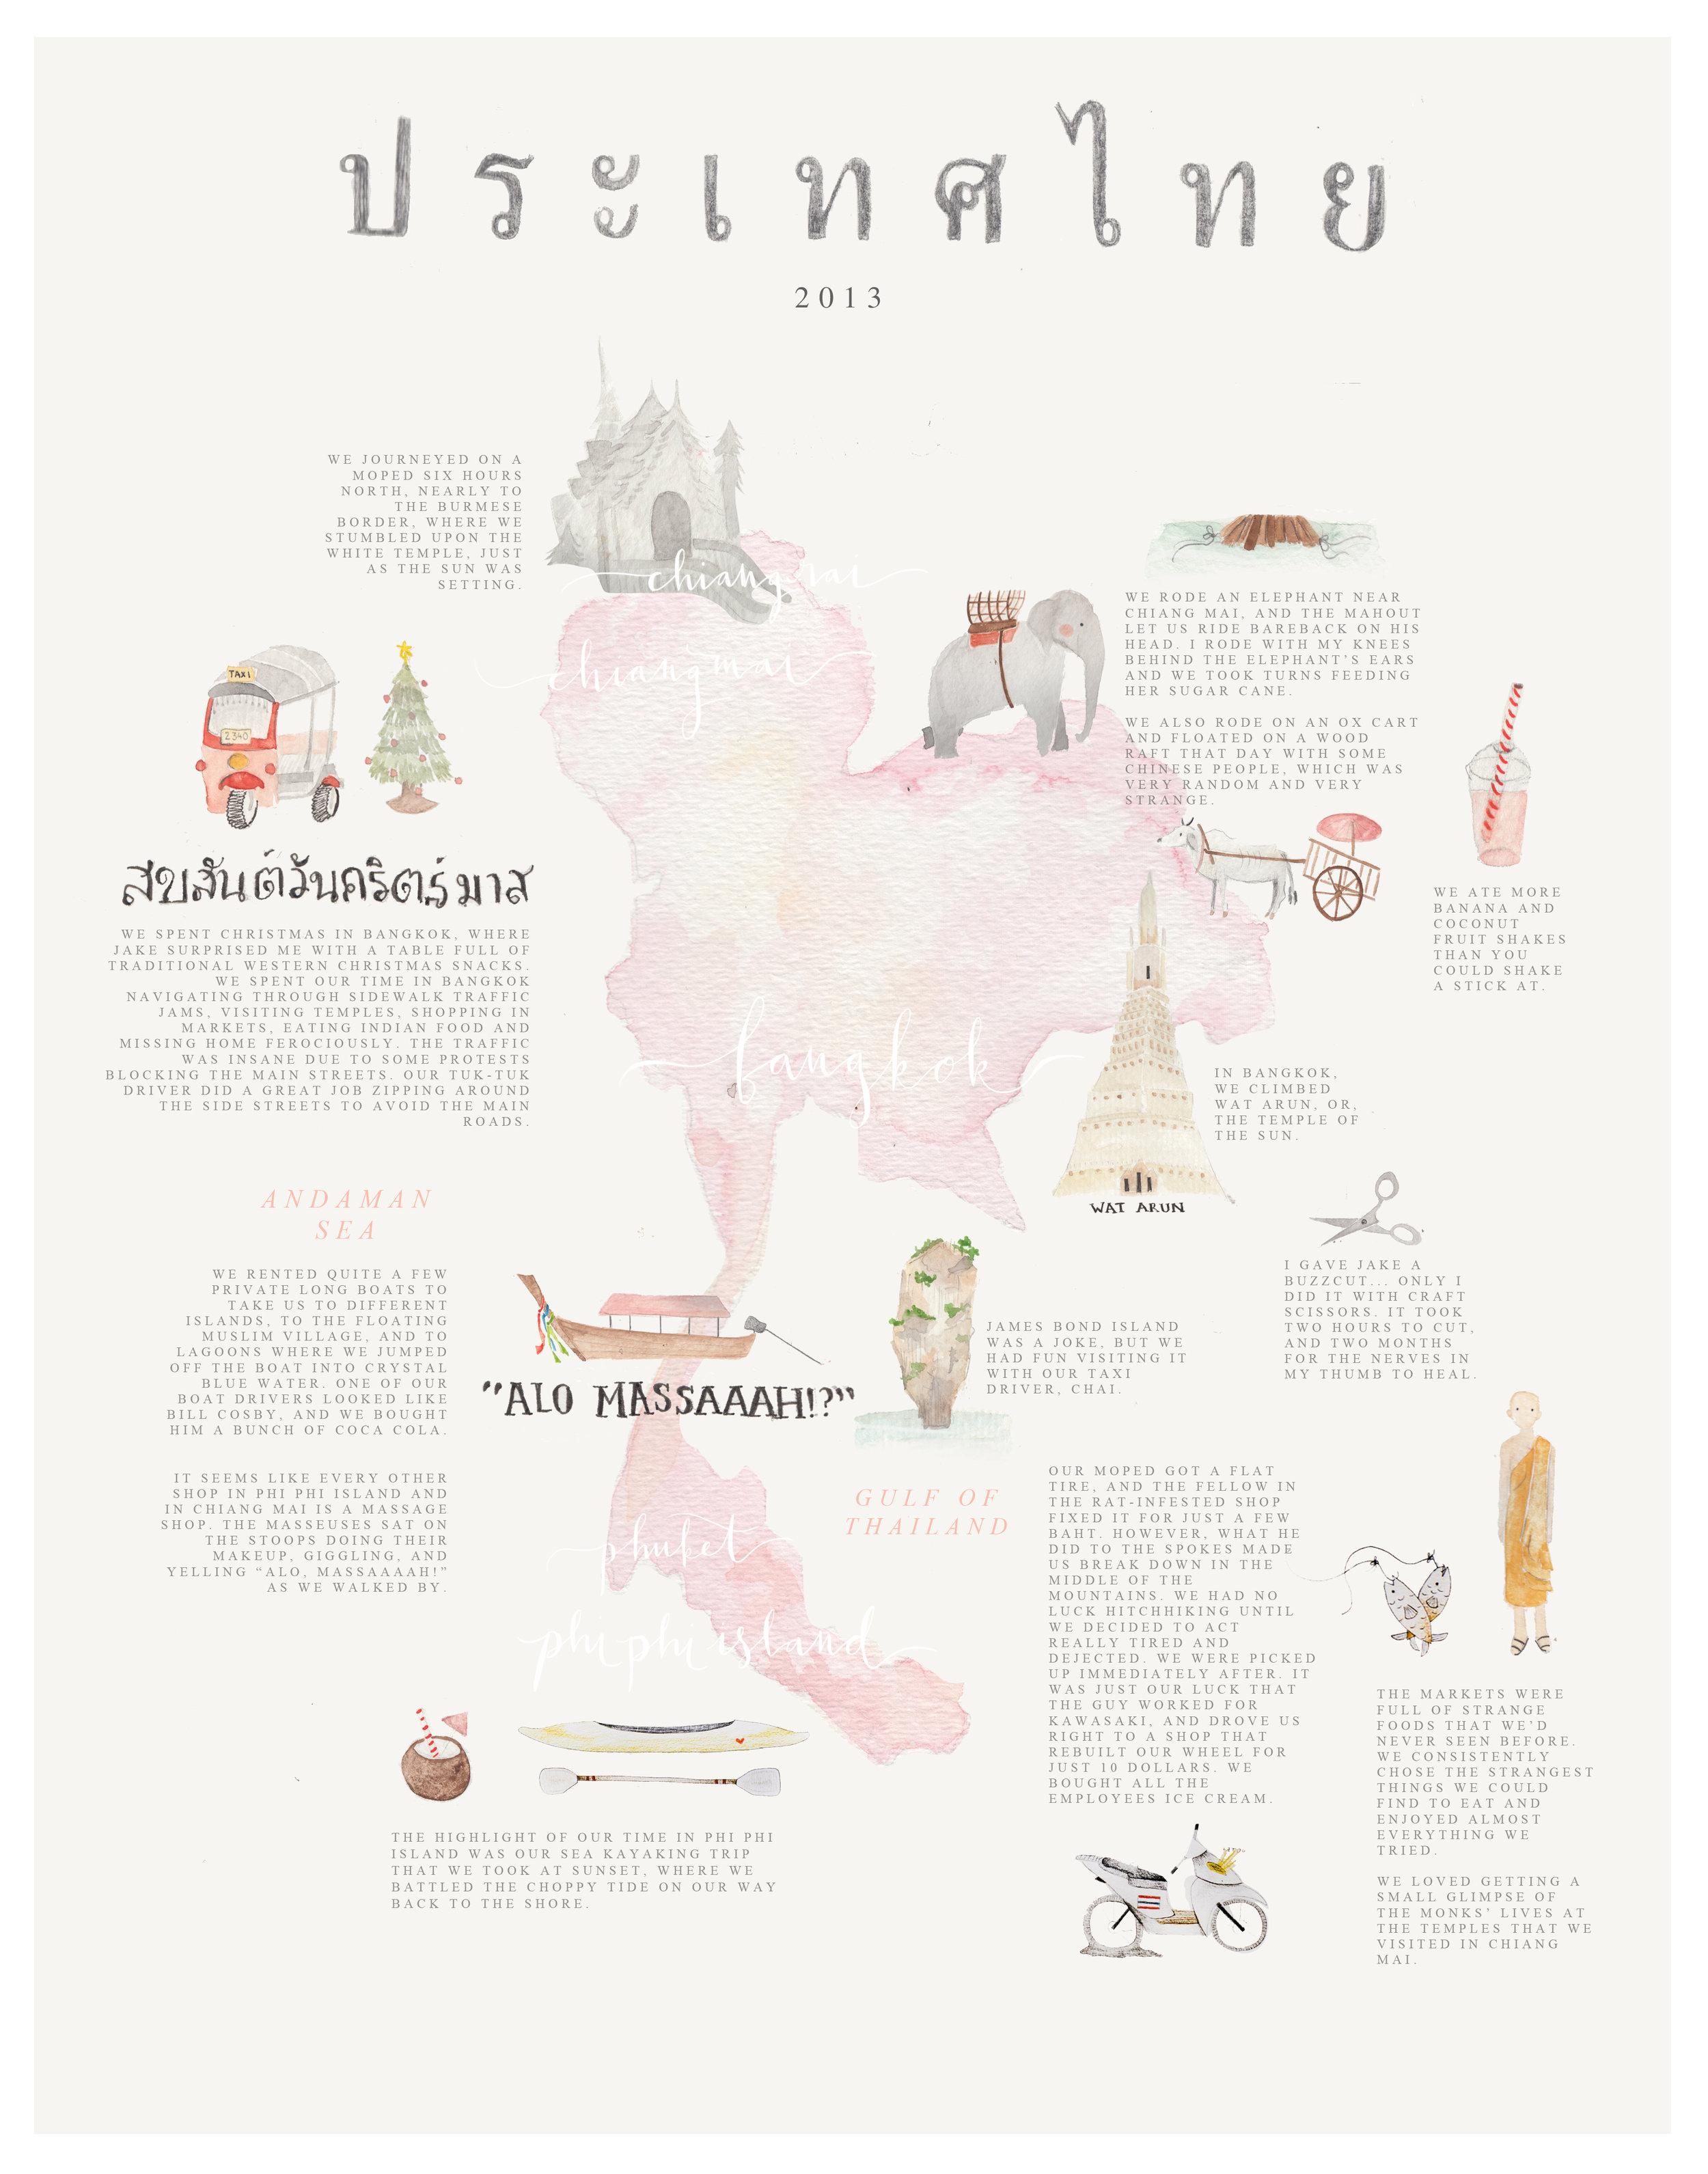 venturedecade19thailand.jpg